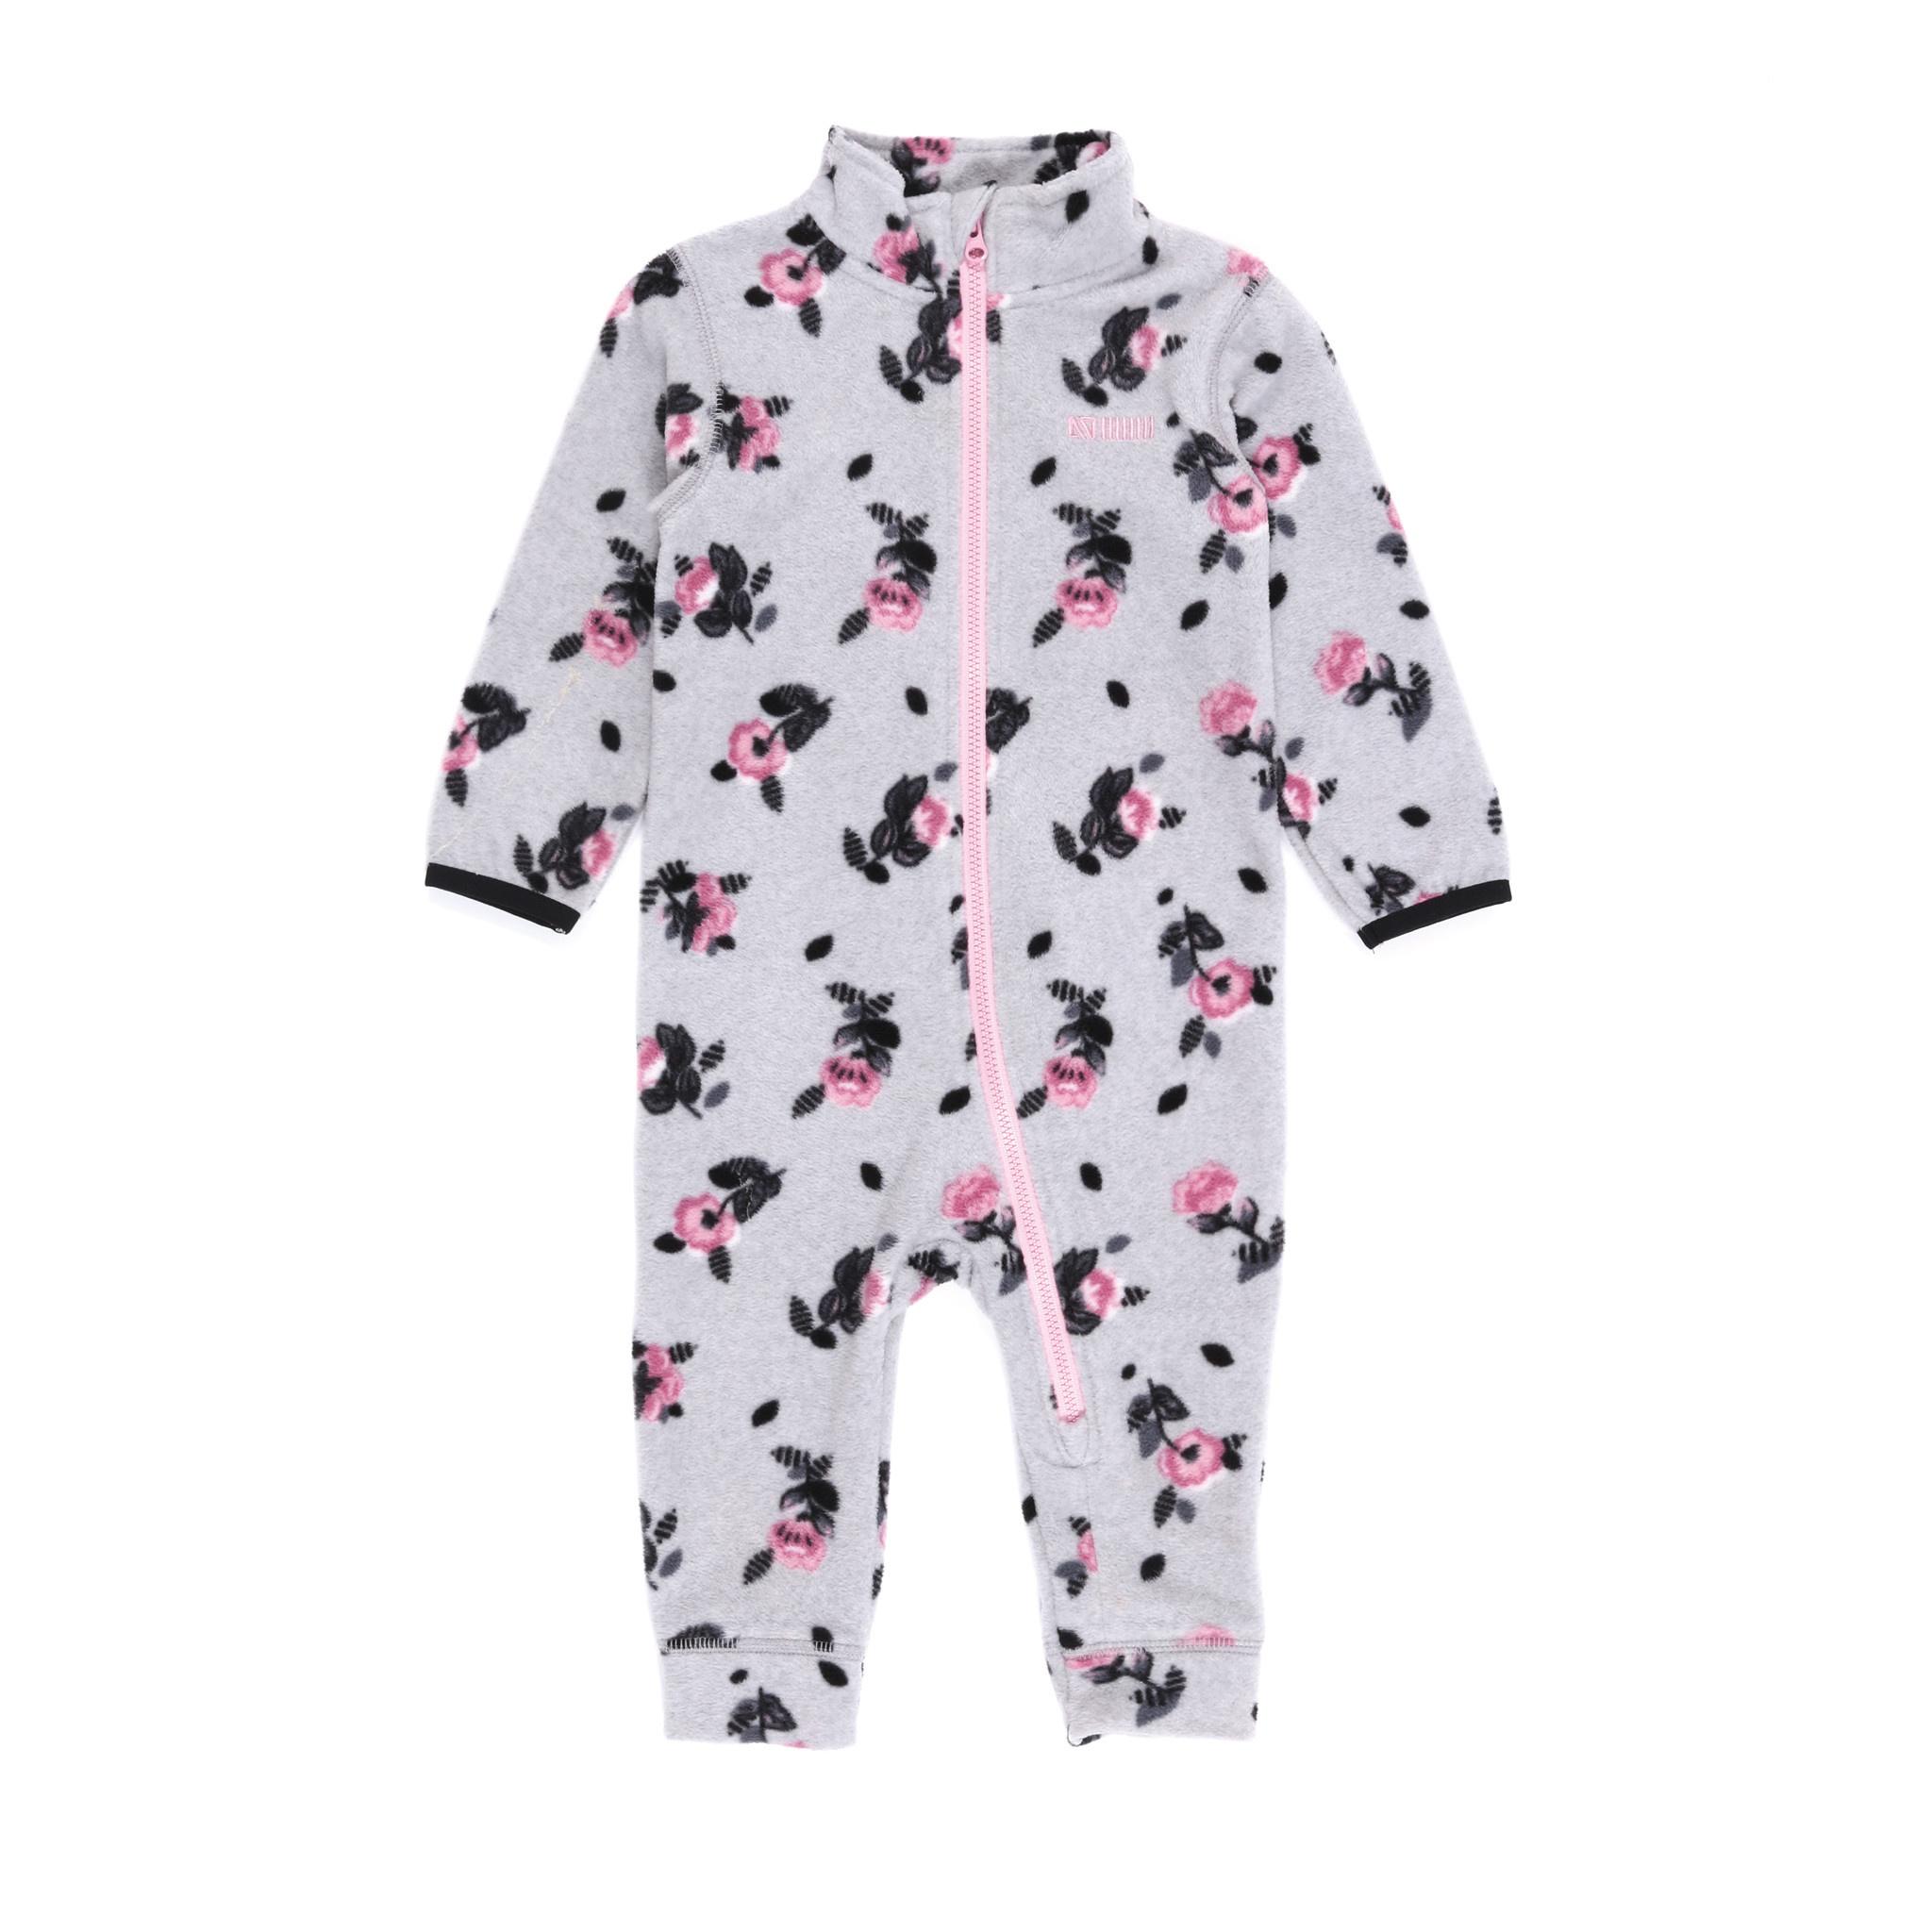 Sous-vêtement en micropolar bébé Fleurs-1